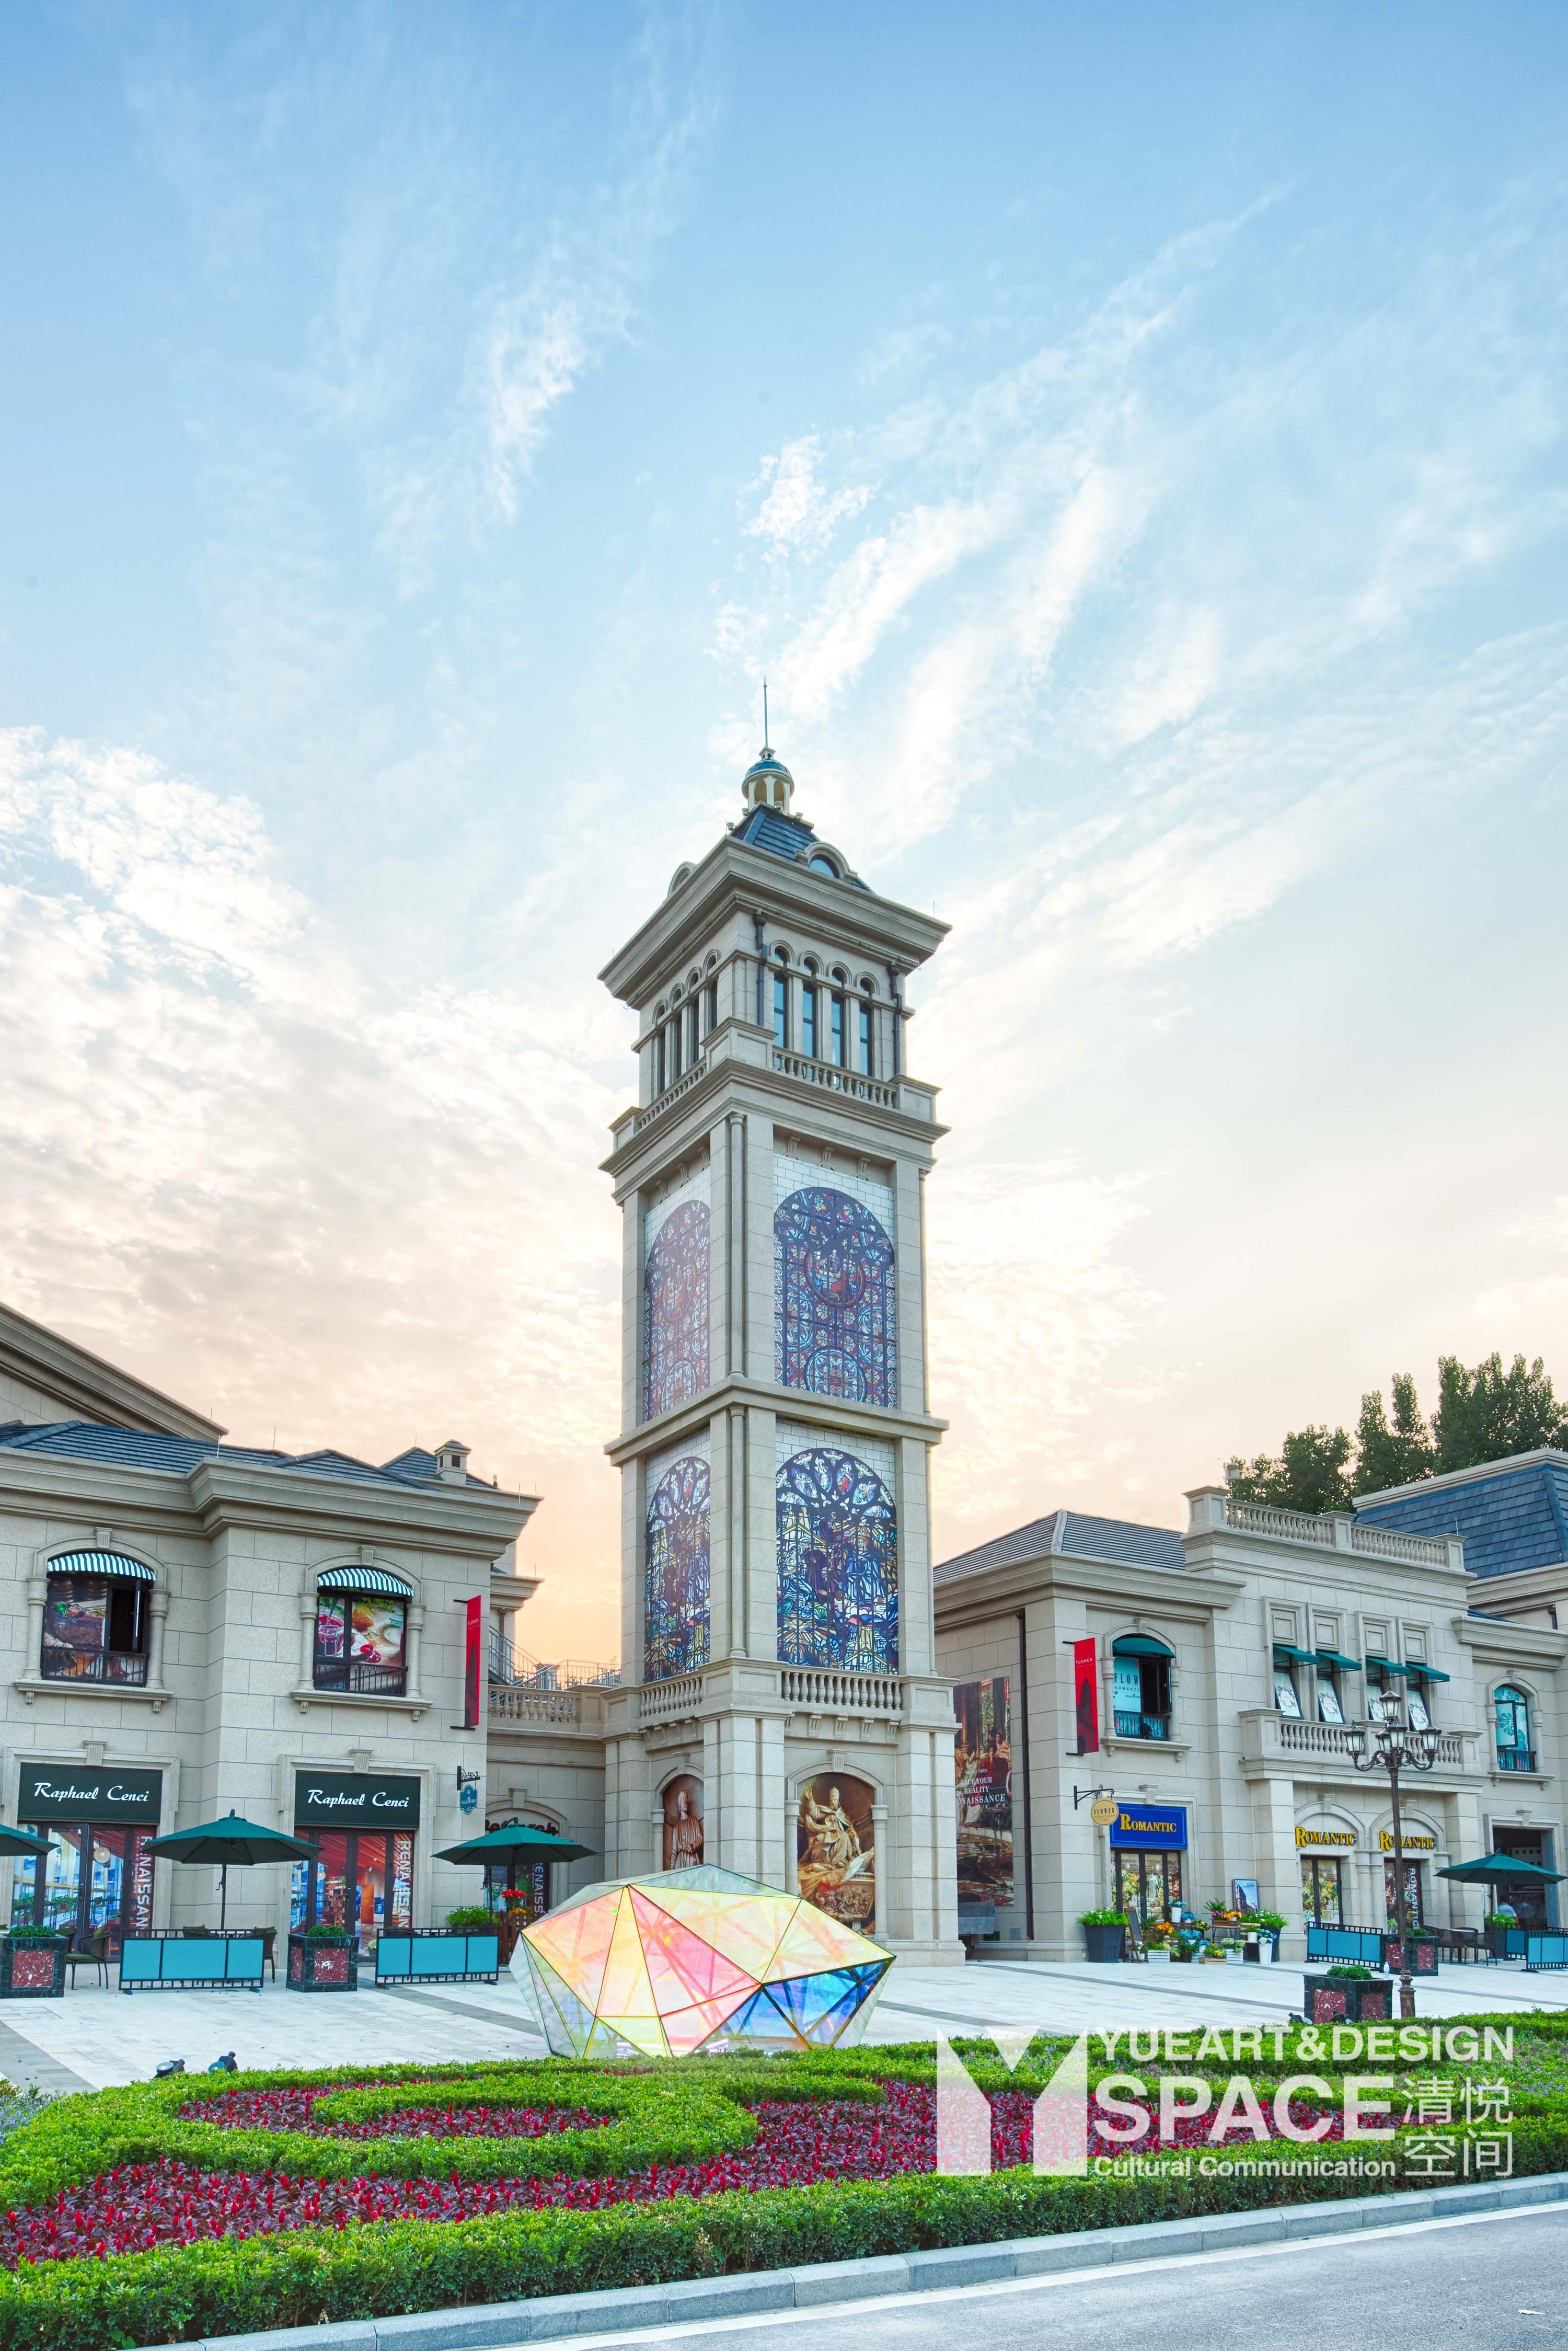 商业街软装清悦空间郑州鸿宝经验商街软装设计建筑设计公司实习地产图片